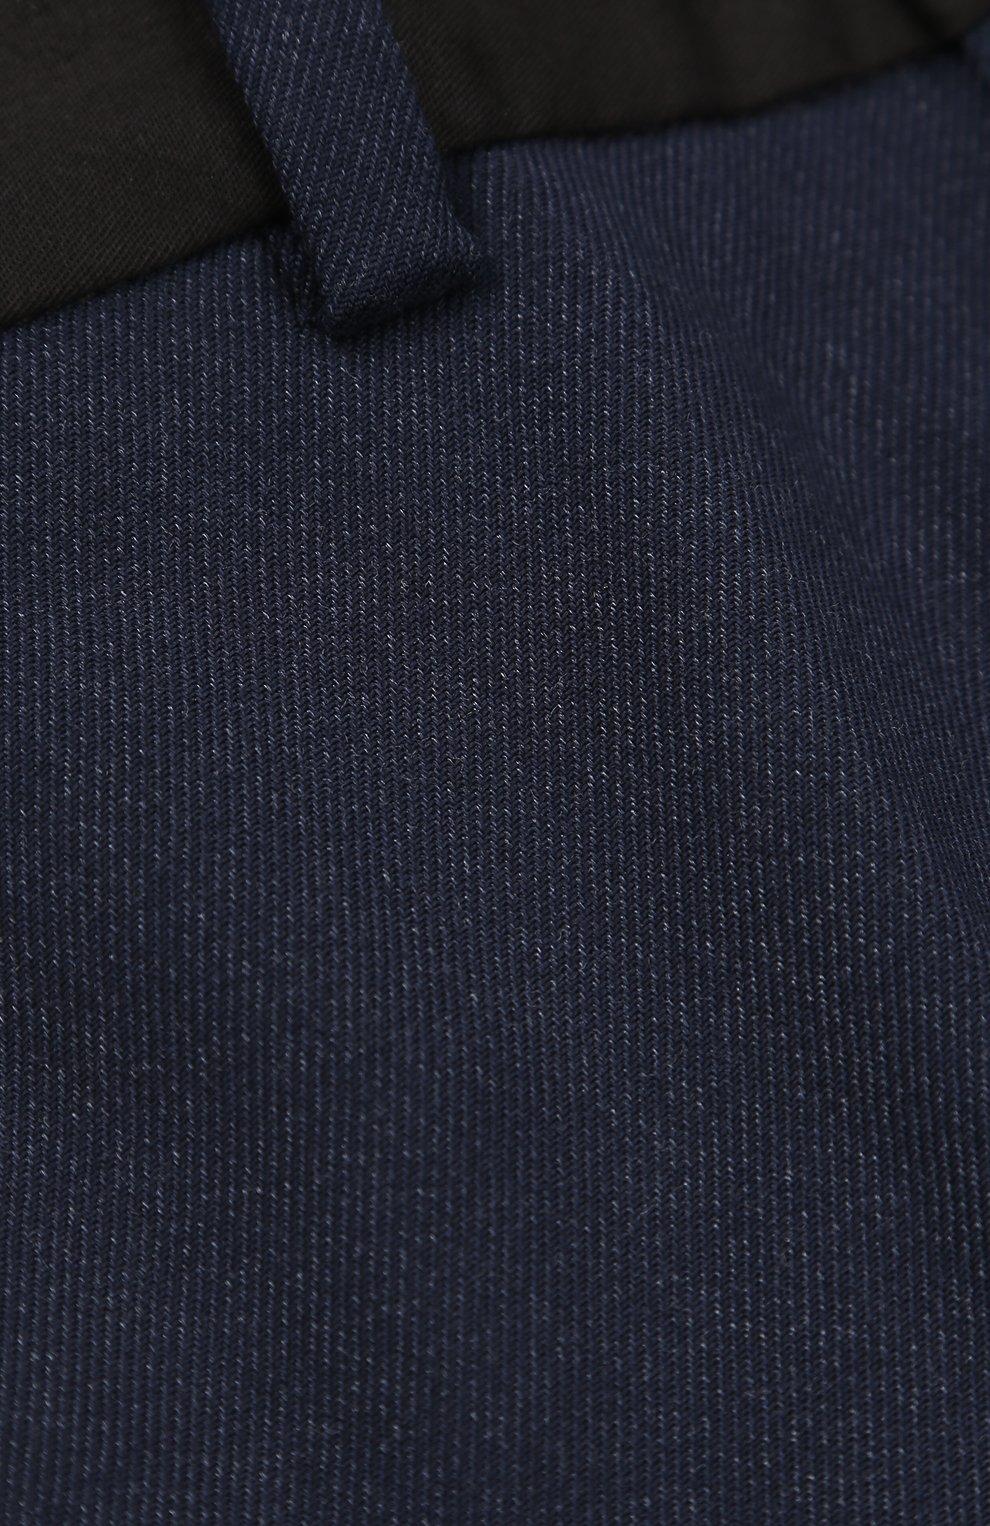 Детские хлопковые брюки со стрелками MARC JACOBS синего цвета ... db3a8100d0e84